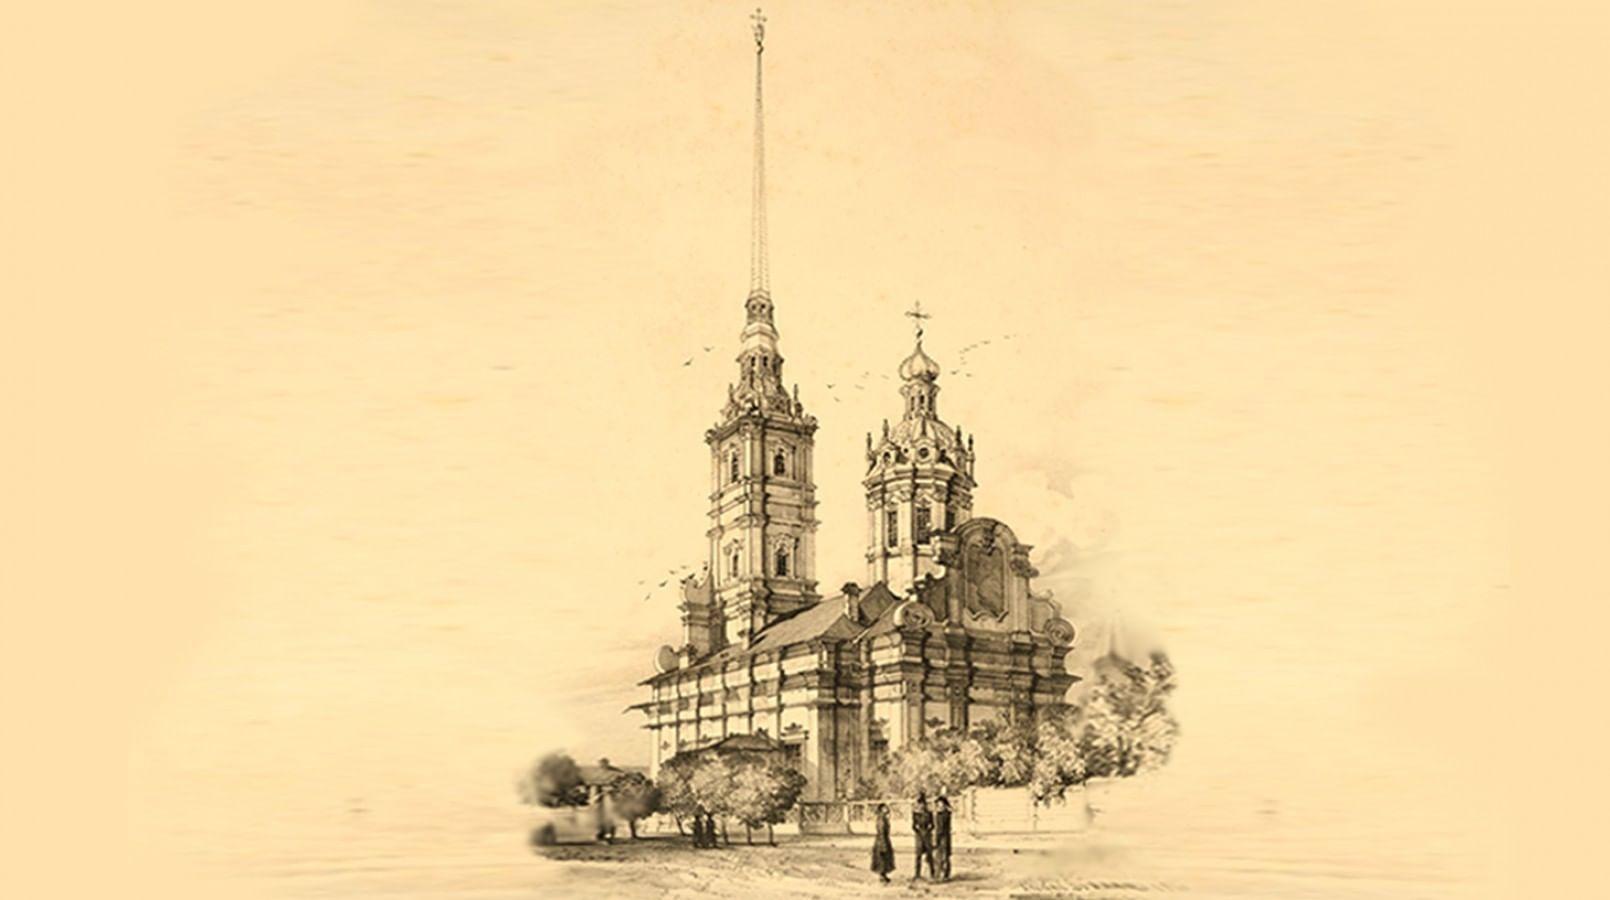 иллюстративные картинки петровского барокко исчезли страниц